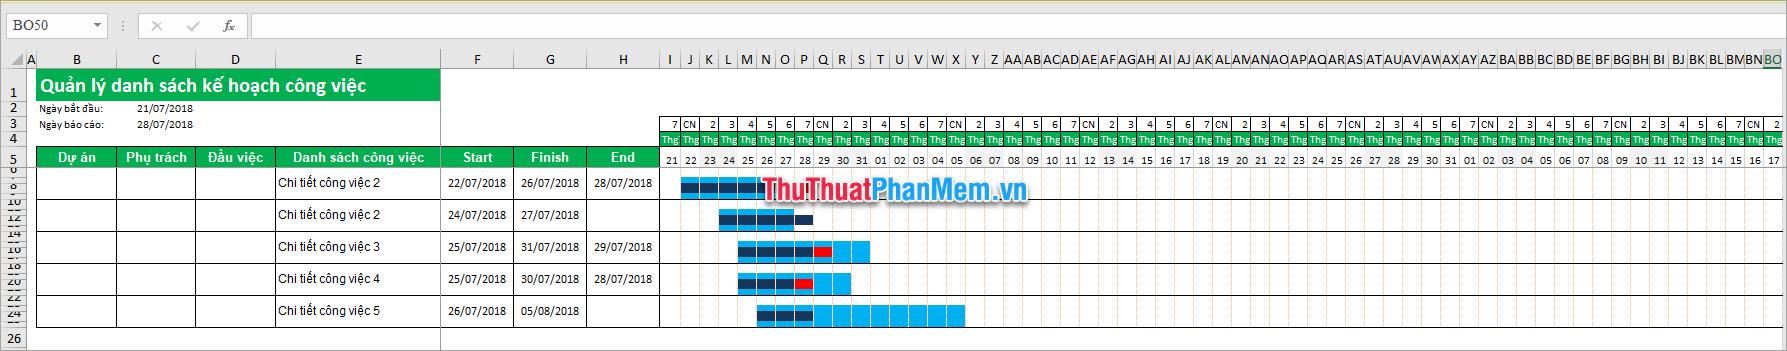 File quản lý công việc bằng Excel free